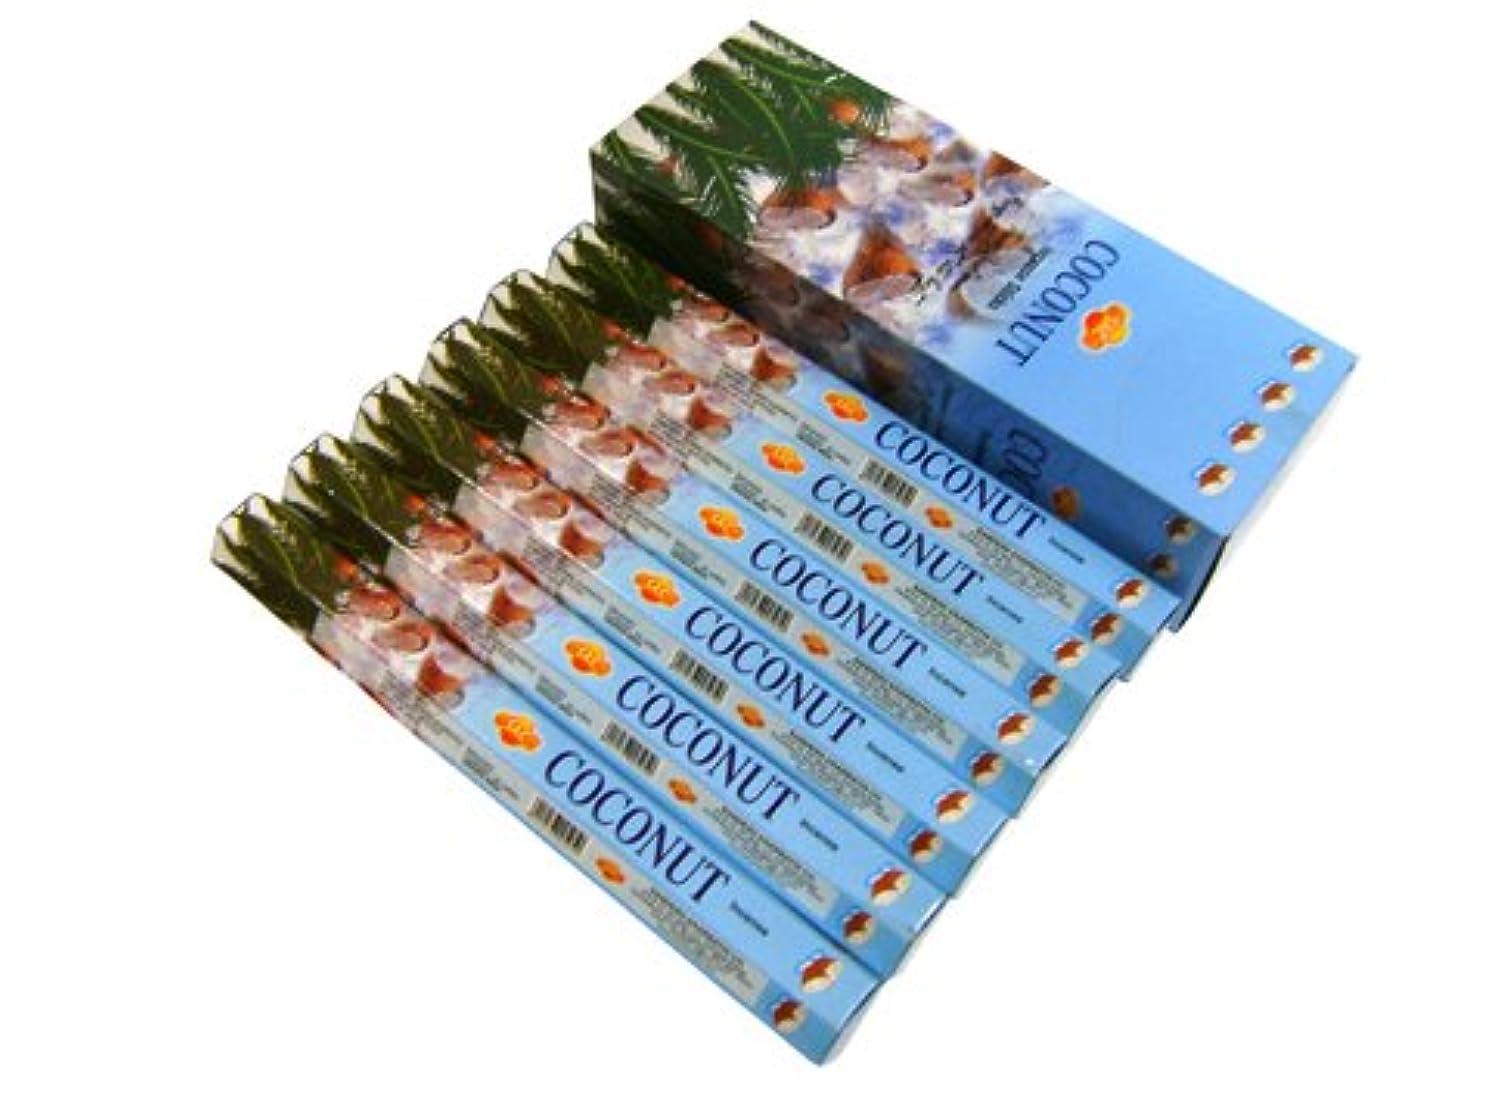 ふざけた含意甘くするSANDESH SAC (サンデッシュ) ココナッツ香 スティック COCONUT 6箱セット